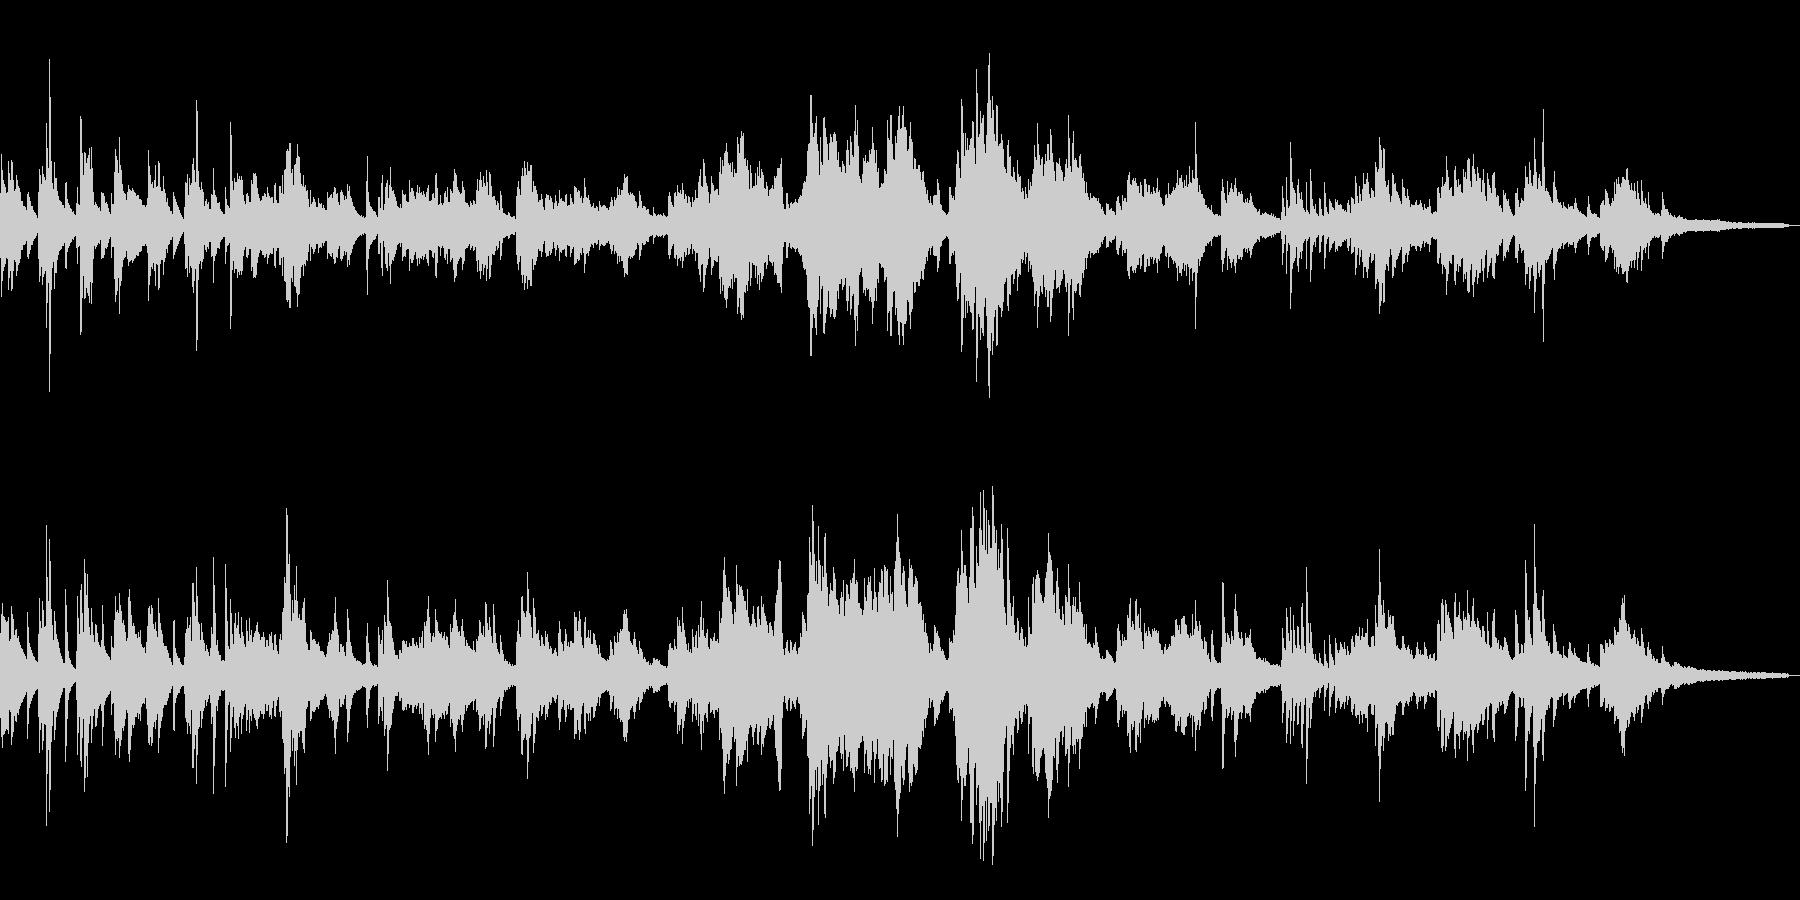 わびさびを尊重した和風曲5-ピアノソロの未再生の波形